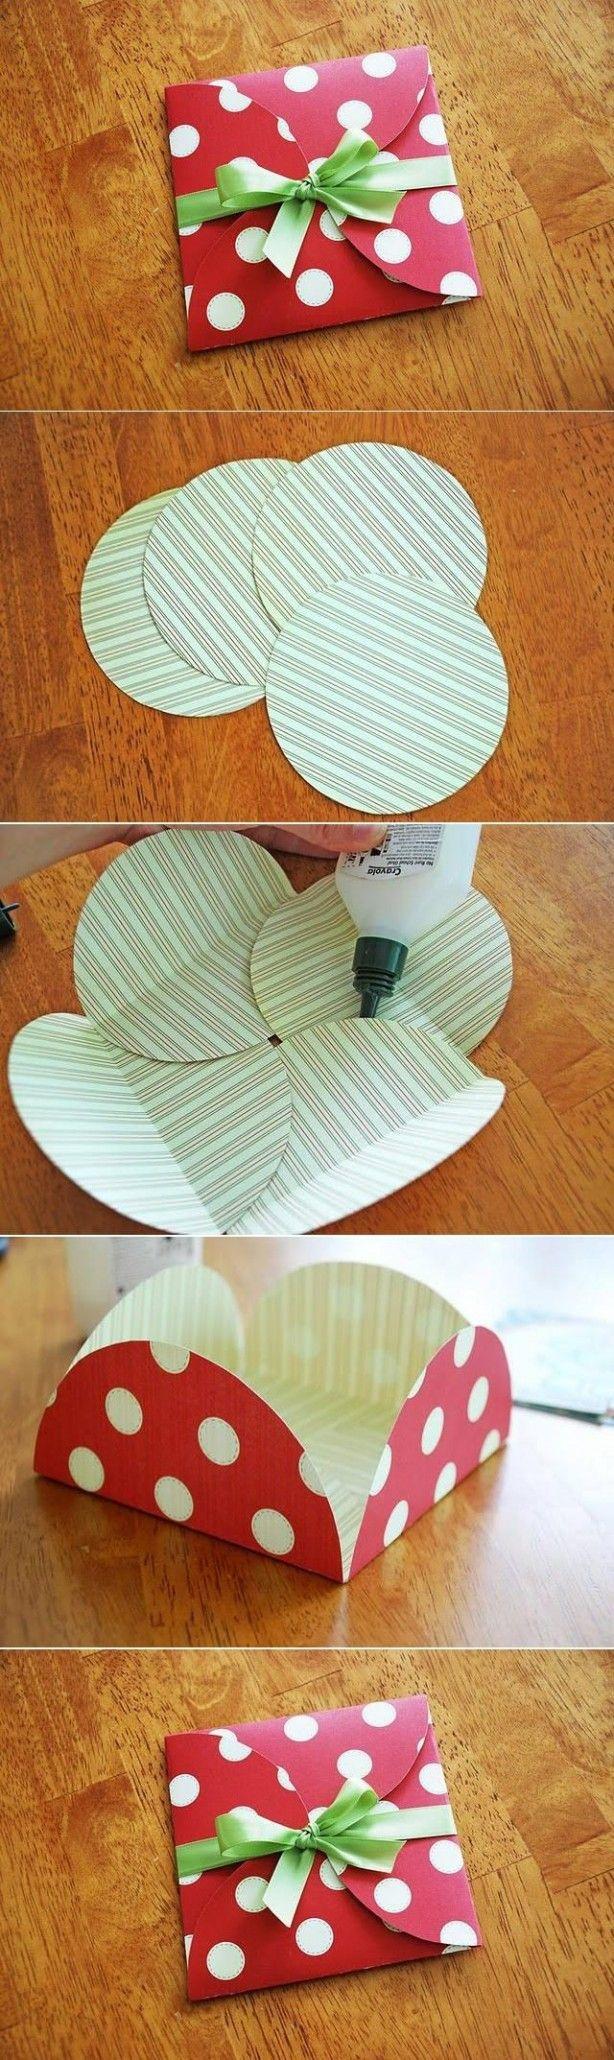 leuk om geld voor een verjaardag in te doen I like the simplicity of this. Very clever. Must try it out.